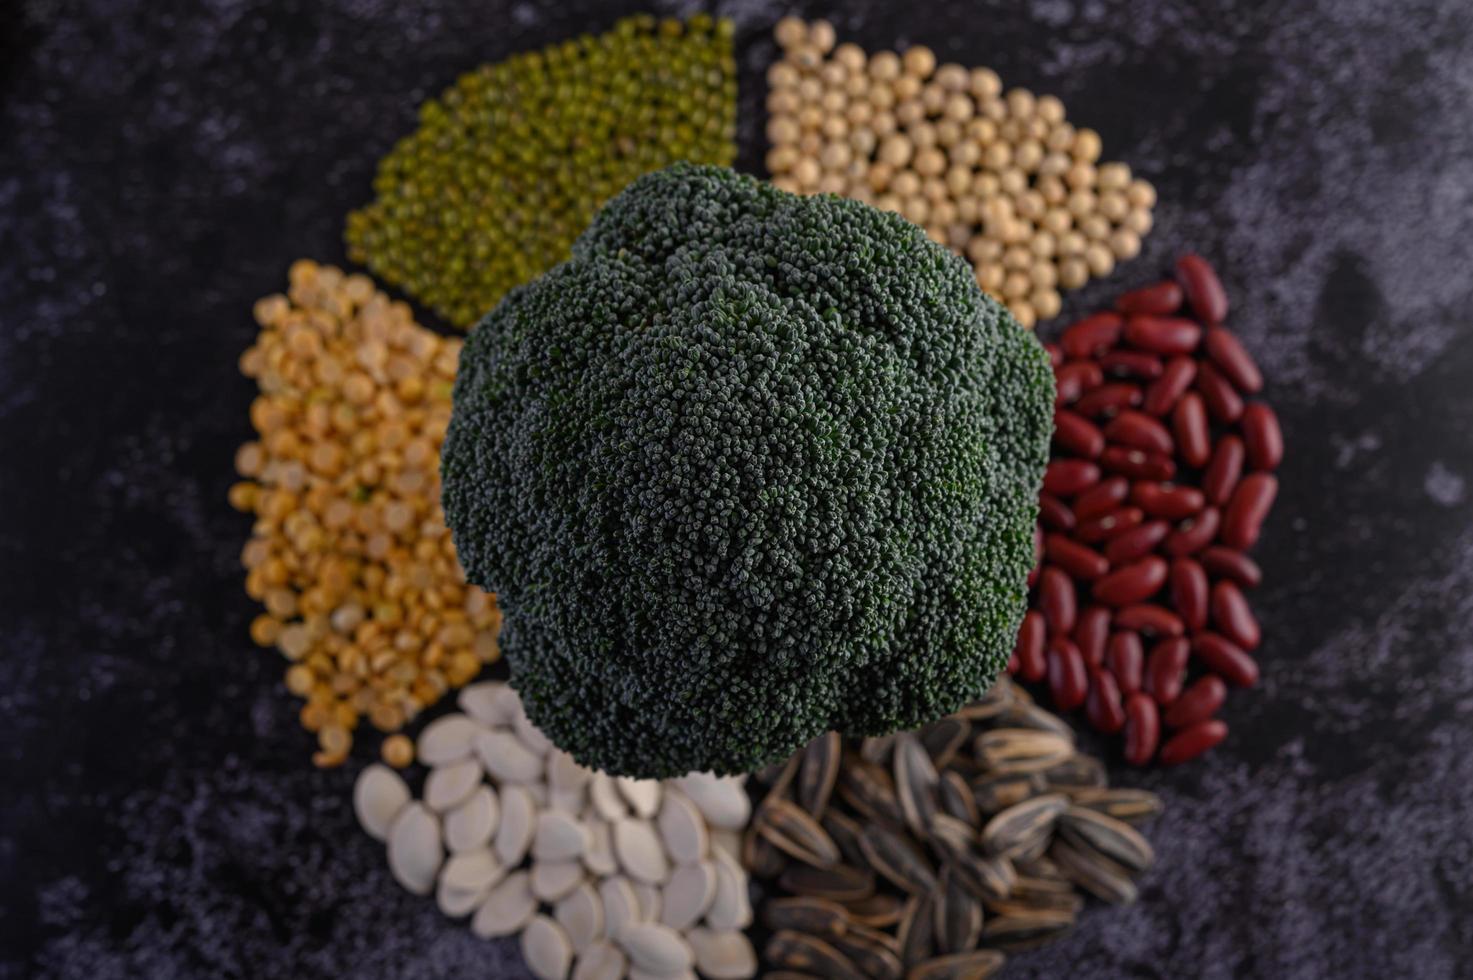 legumi con broccoli su sfondo nero foto